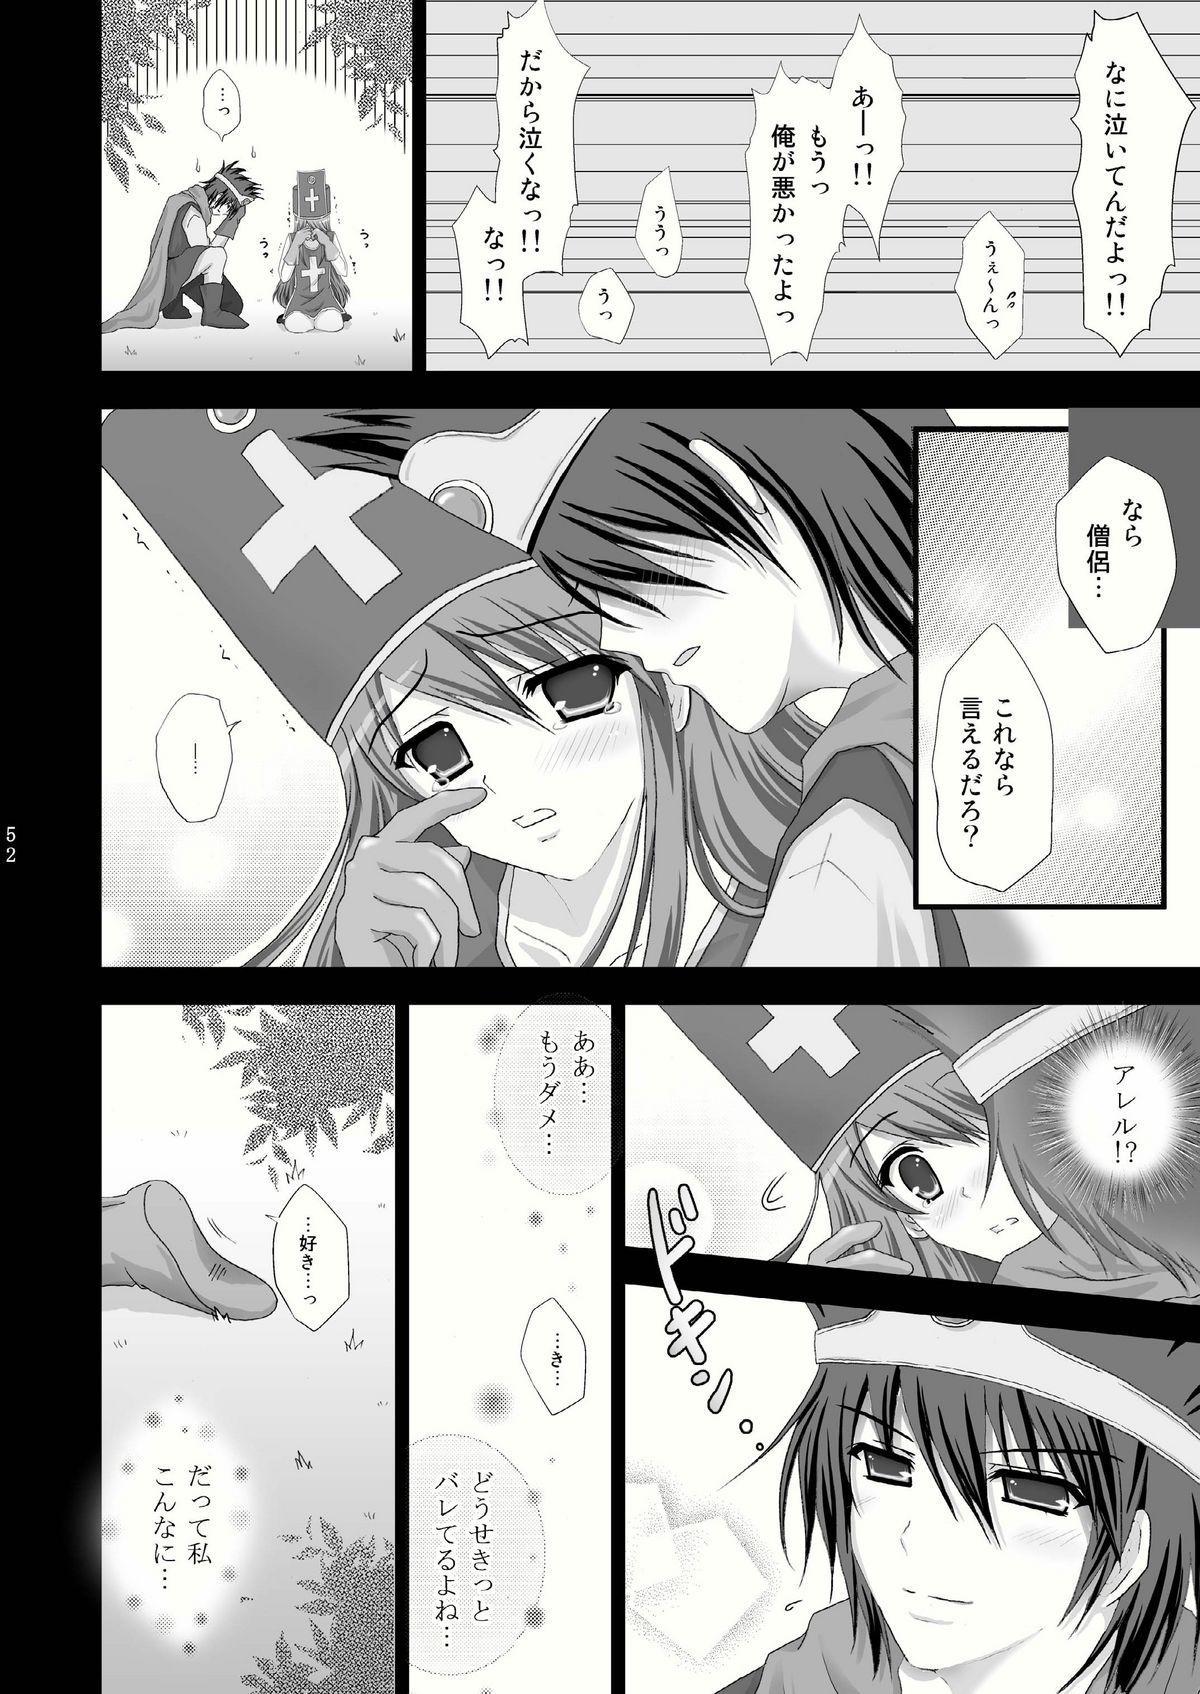 (C79) [Harumankai (Haruma Tokihiko)] Roto Shoujo - Kikan Gentei! hHangaku-chuu ♪ (Dragon Quest III) 51